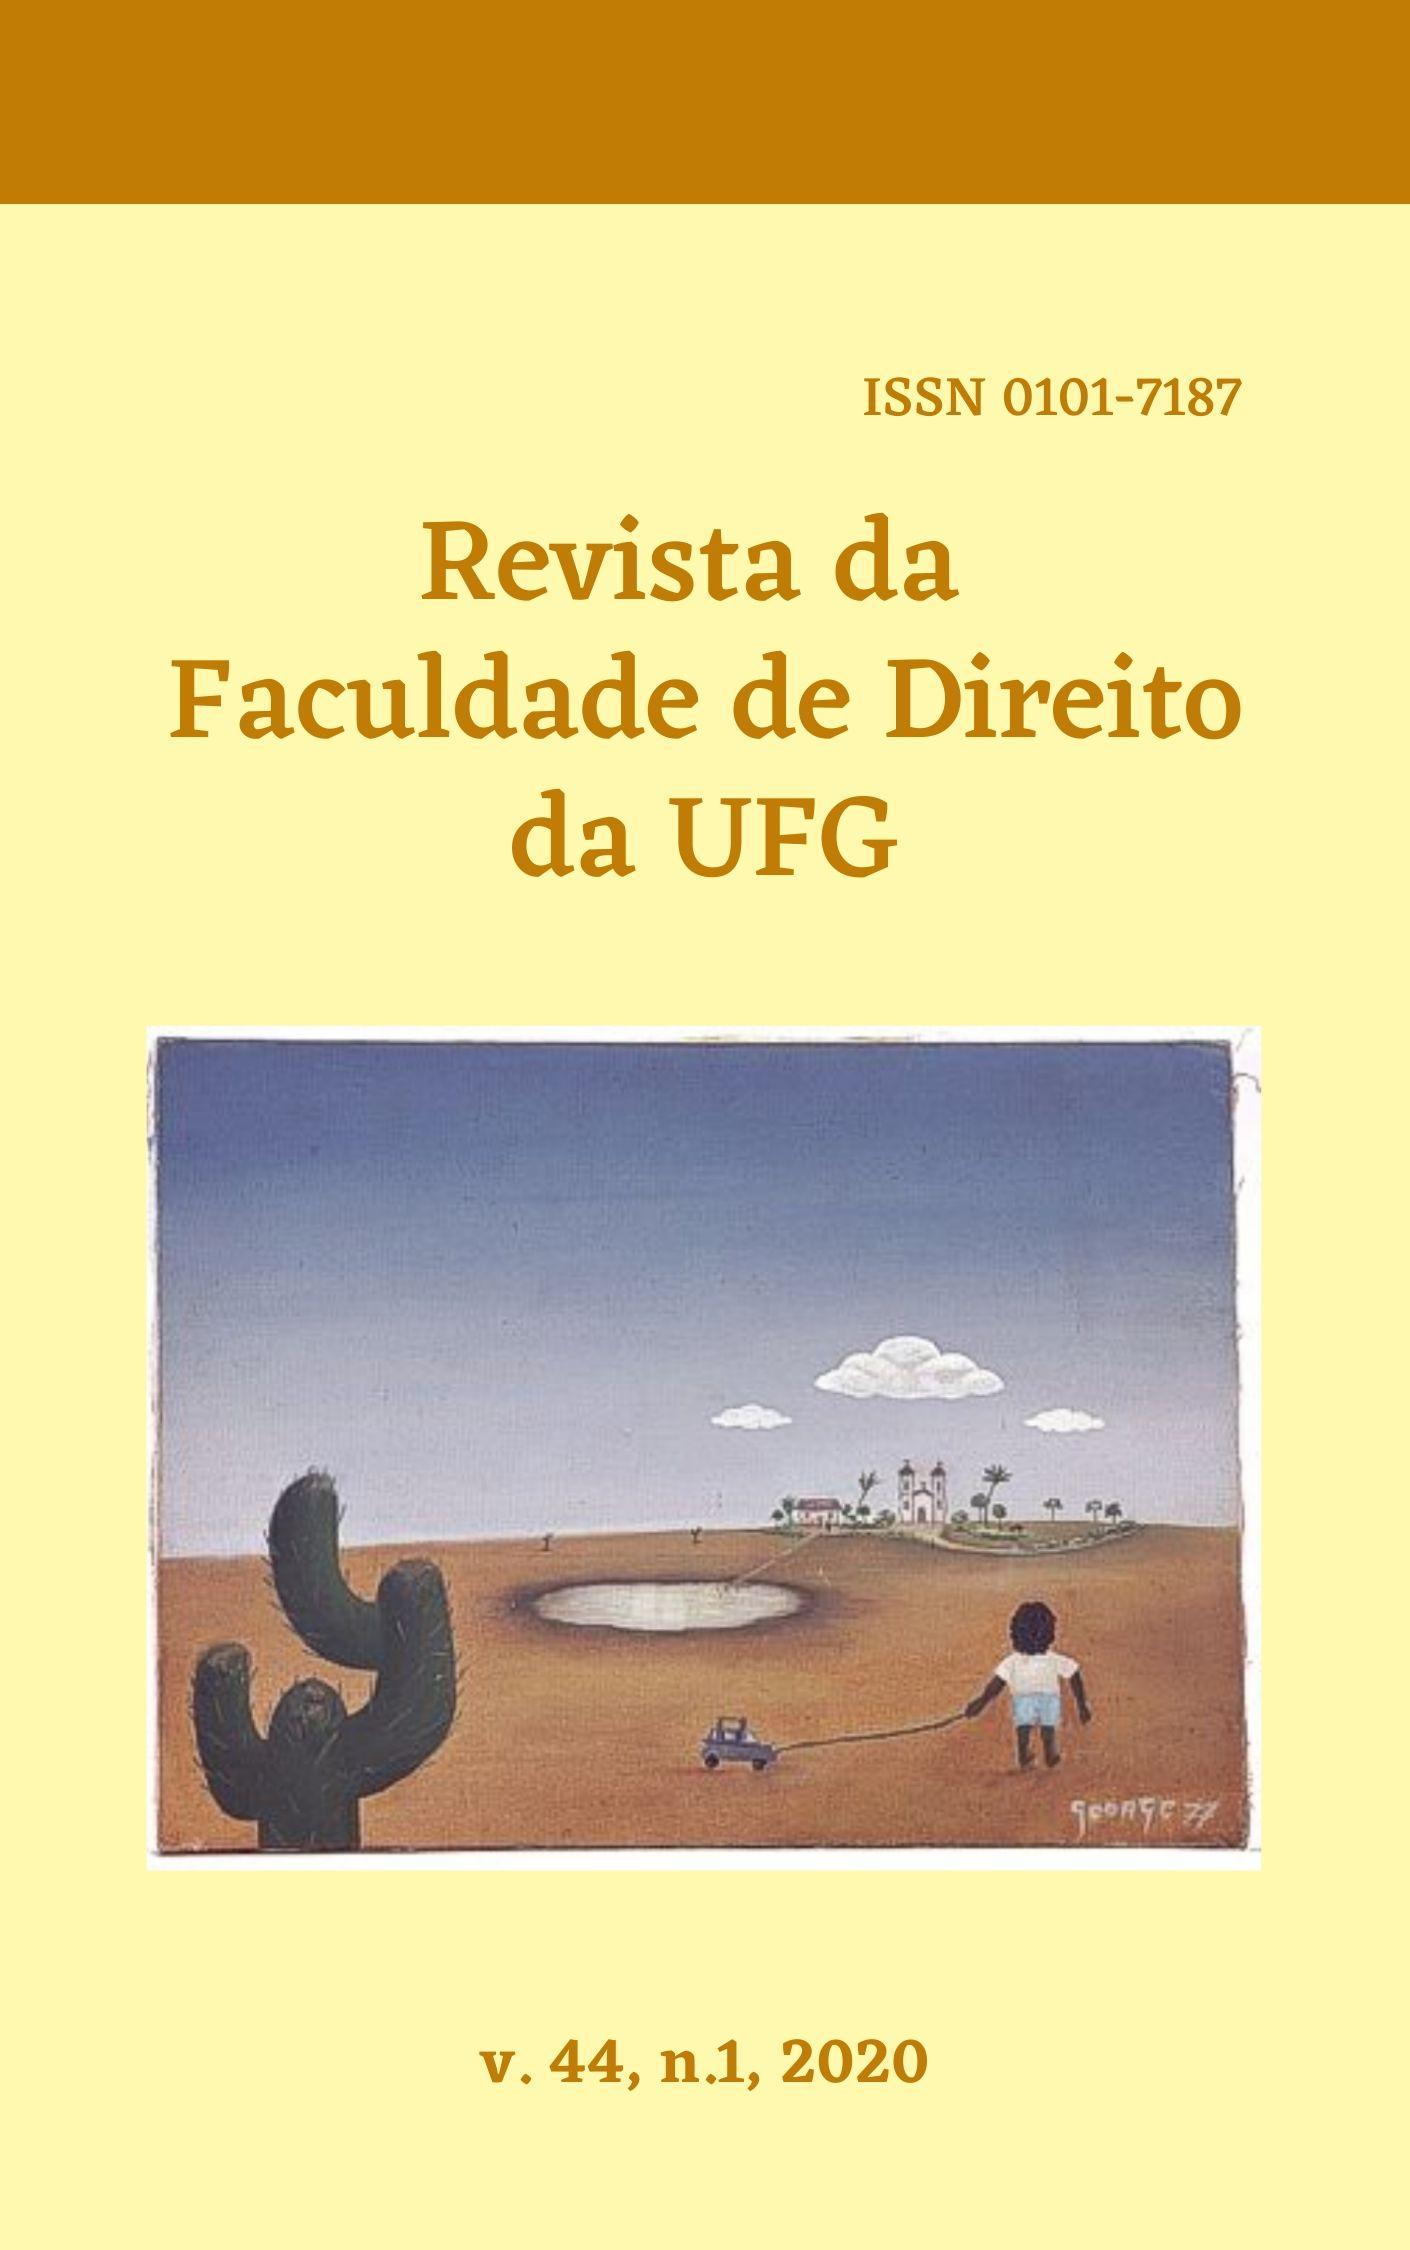 Visualizar v. 44 n. 1 (2020): REVISTA DA FACULDADE DE DIREITO DA UFG